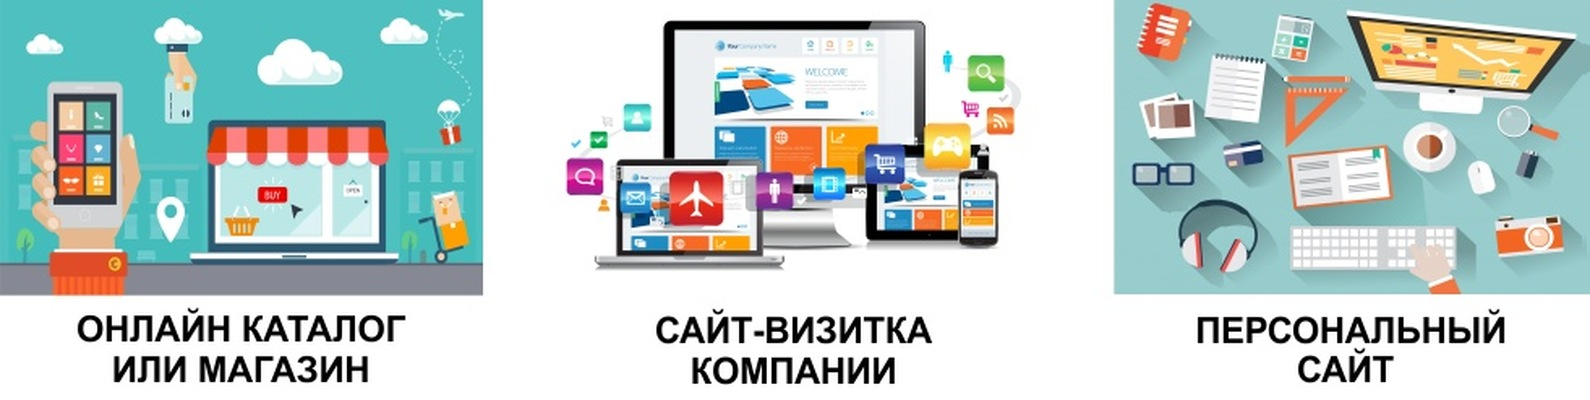 Разработка раскрутка продвижение сайтов реклама сайта в интернете 1-я Хуторская улица